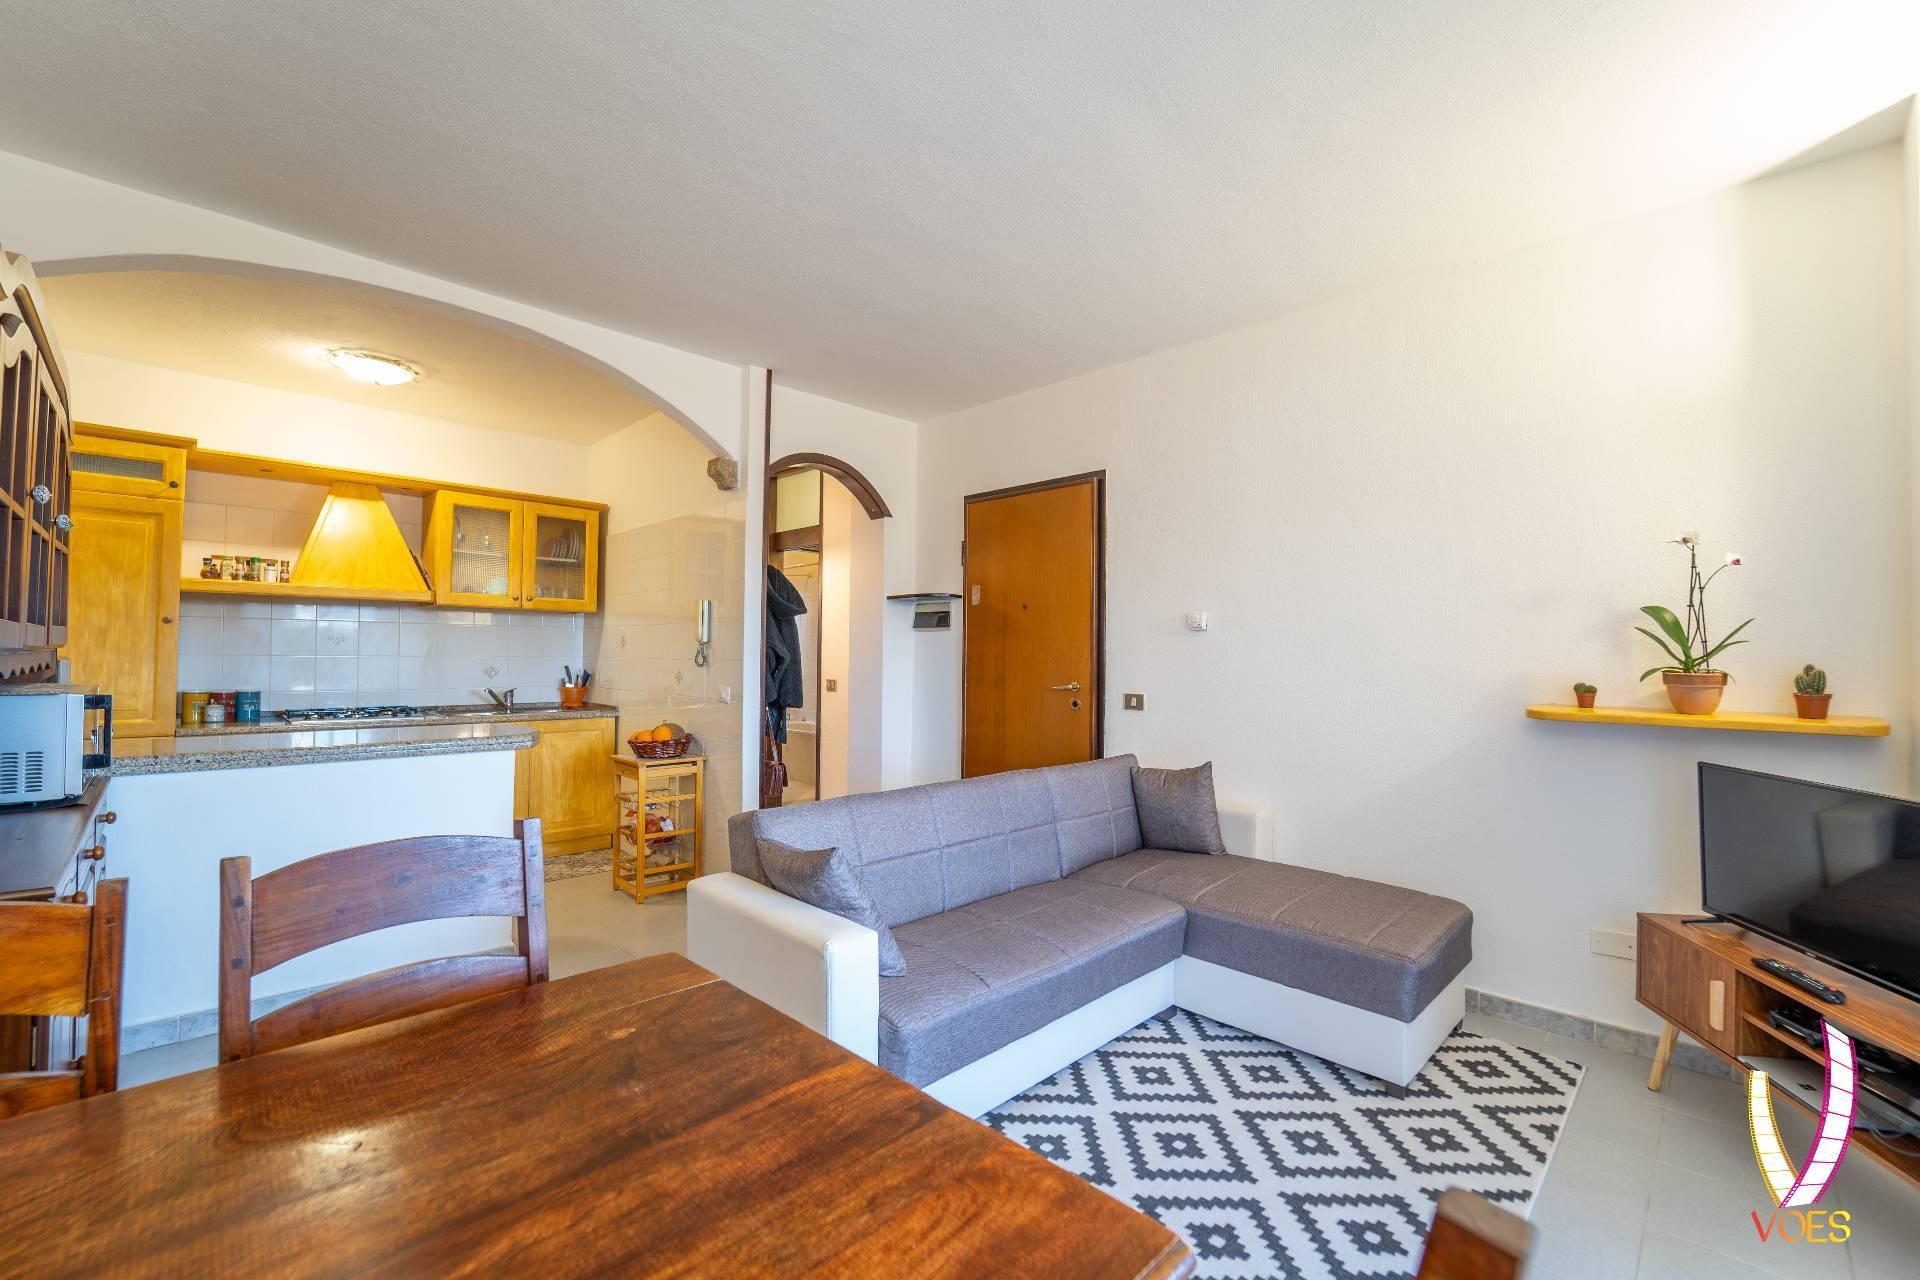 Appartamento in vendita a Olbia - Porto Rotondo, 2 locali, zona Località: Consarcasa, prezzo € 98.000   PortaleAgenzieImmobiliari.it